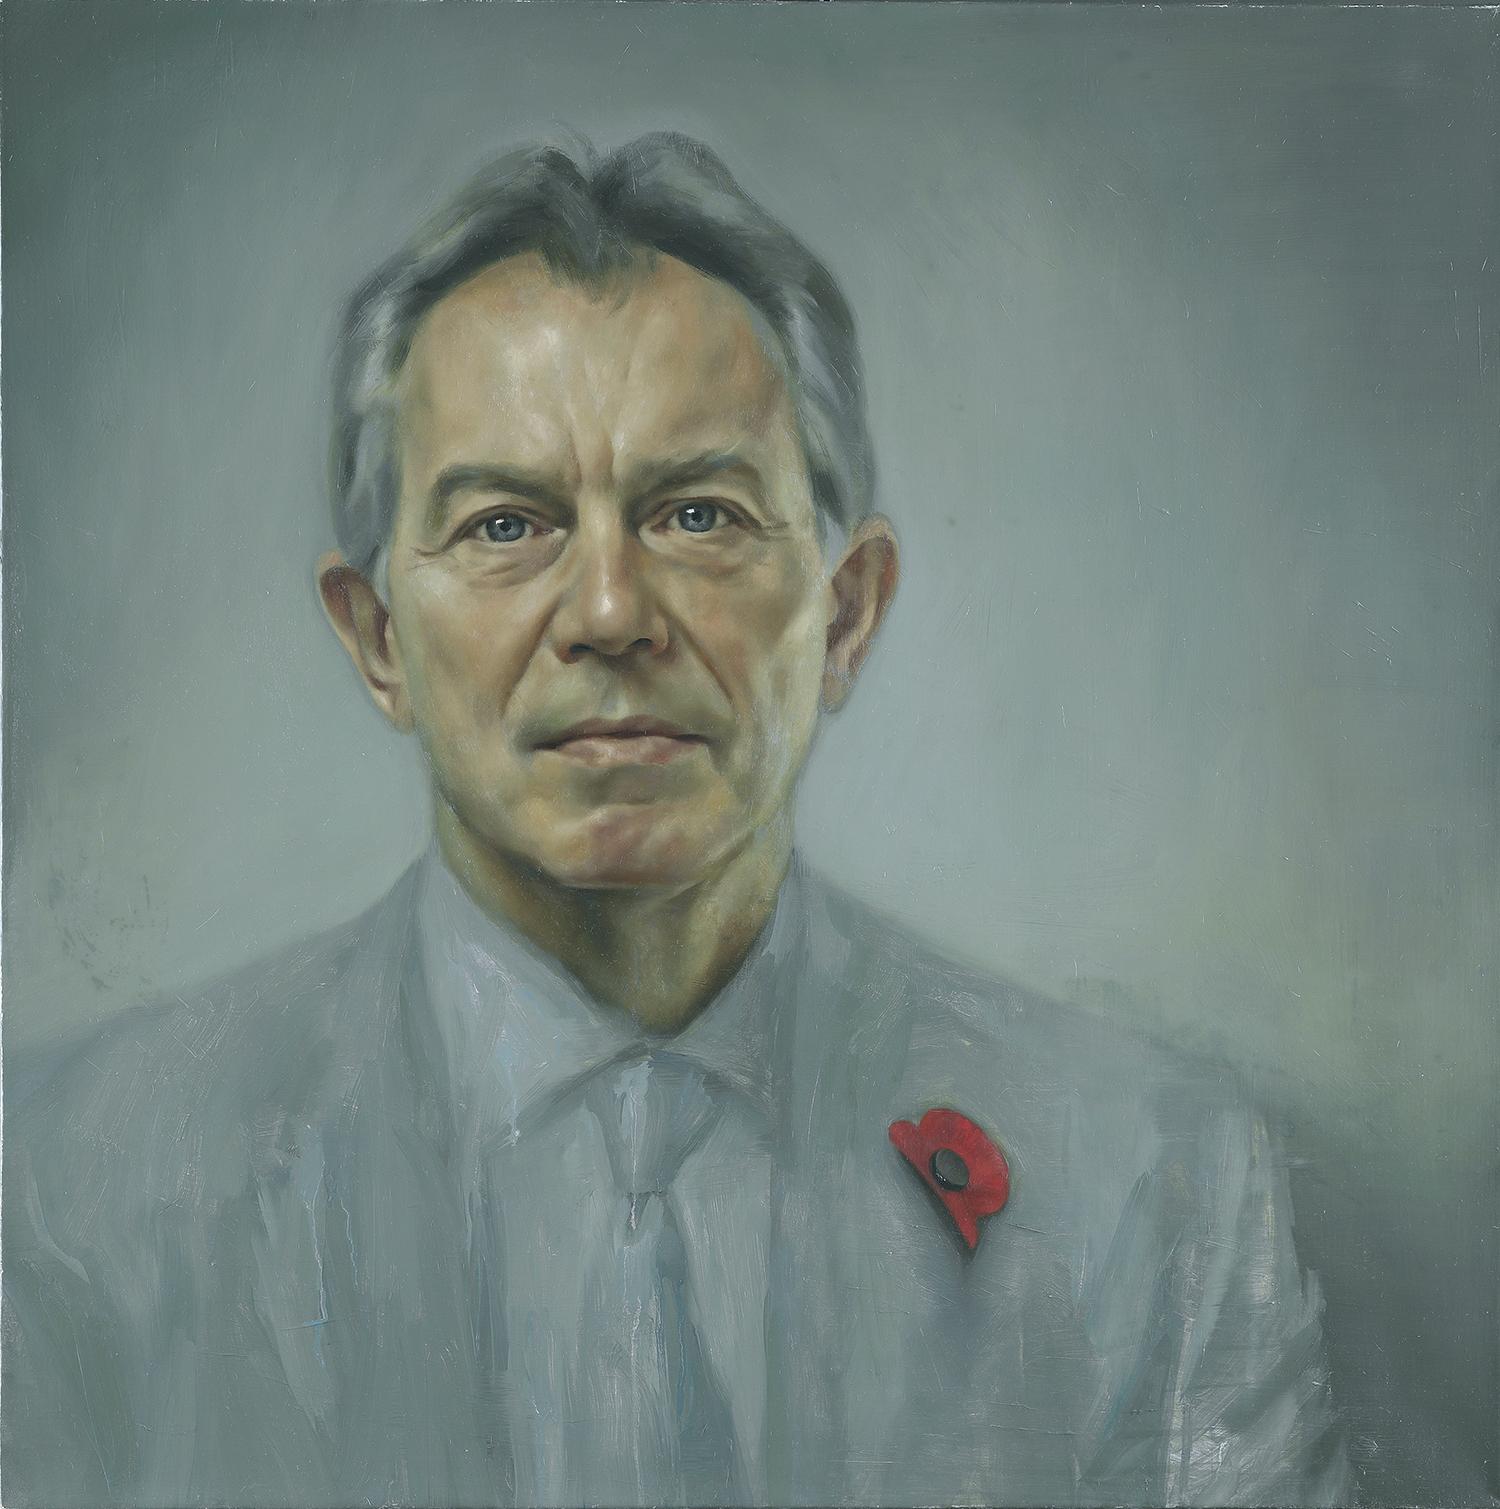 Tony Blair with Poppy.jpg